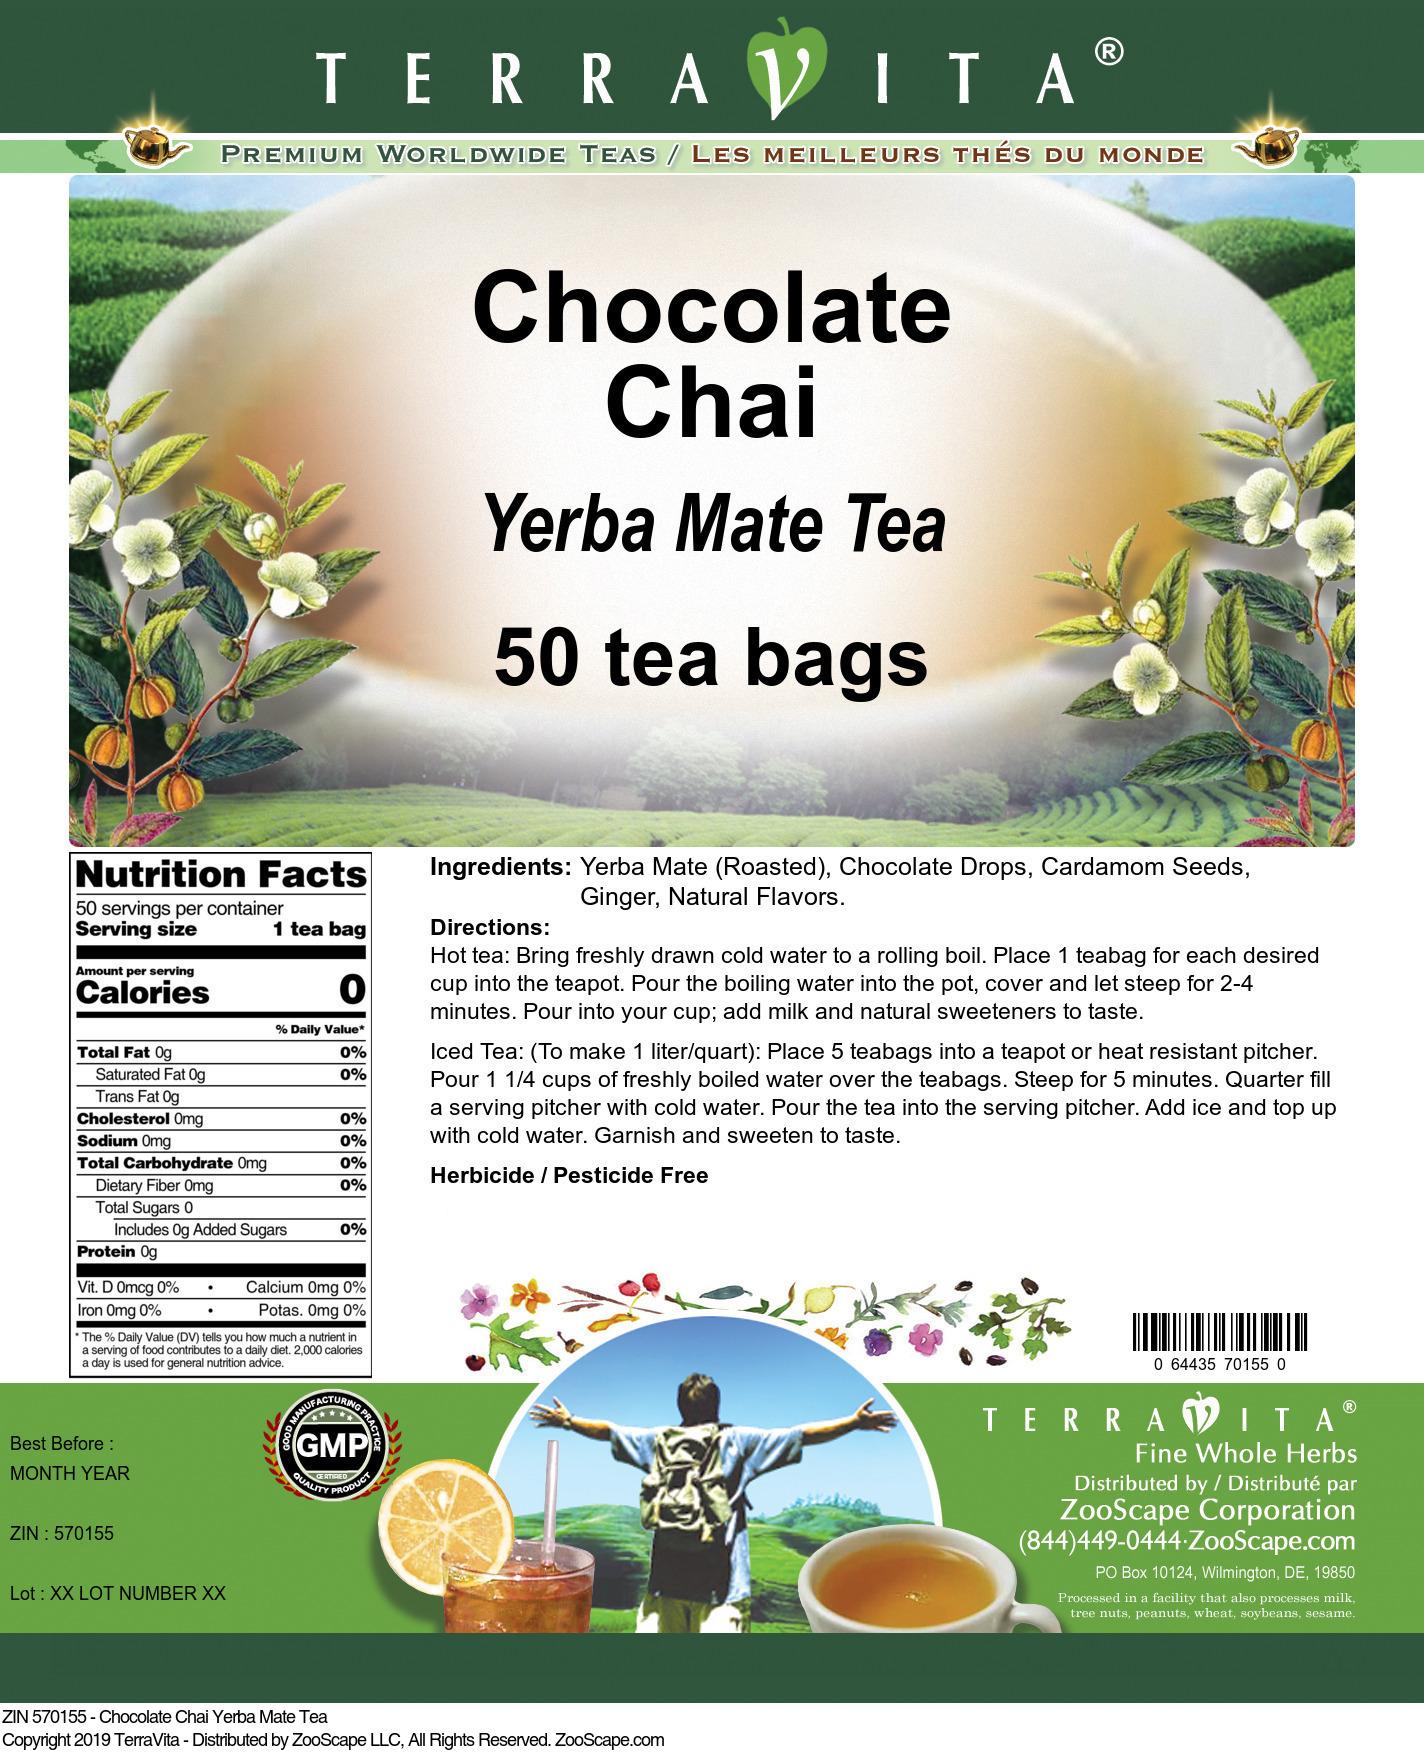 Chocolate Chai Yerba Mate Tea